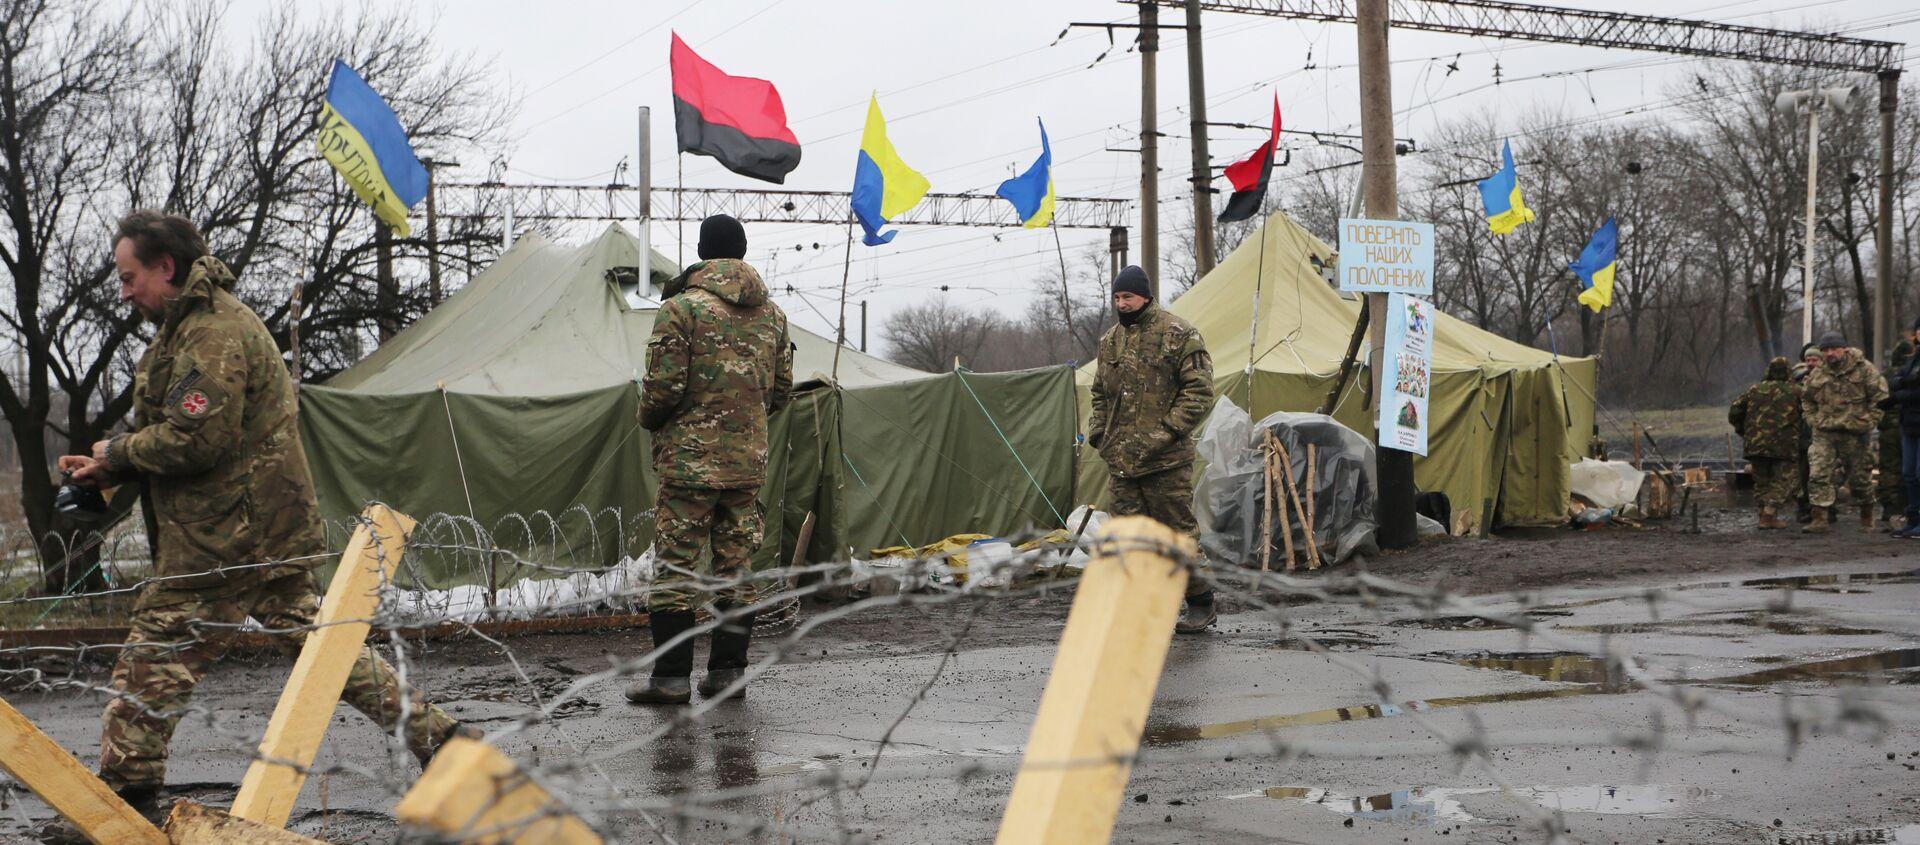 Posto di blocco dei paramilitari ucraini nel Donbass - Sputnik Italia, 1920, 20.02.2020